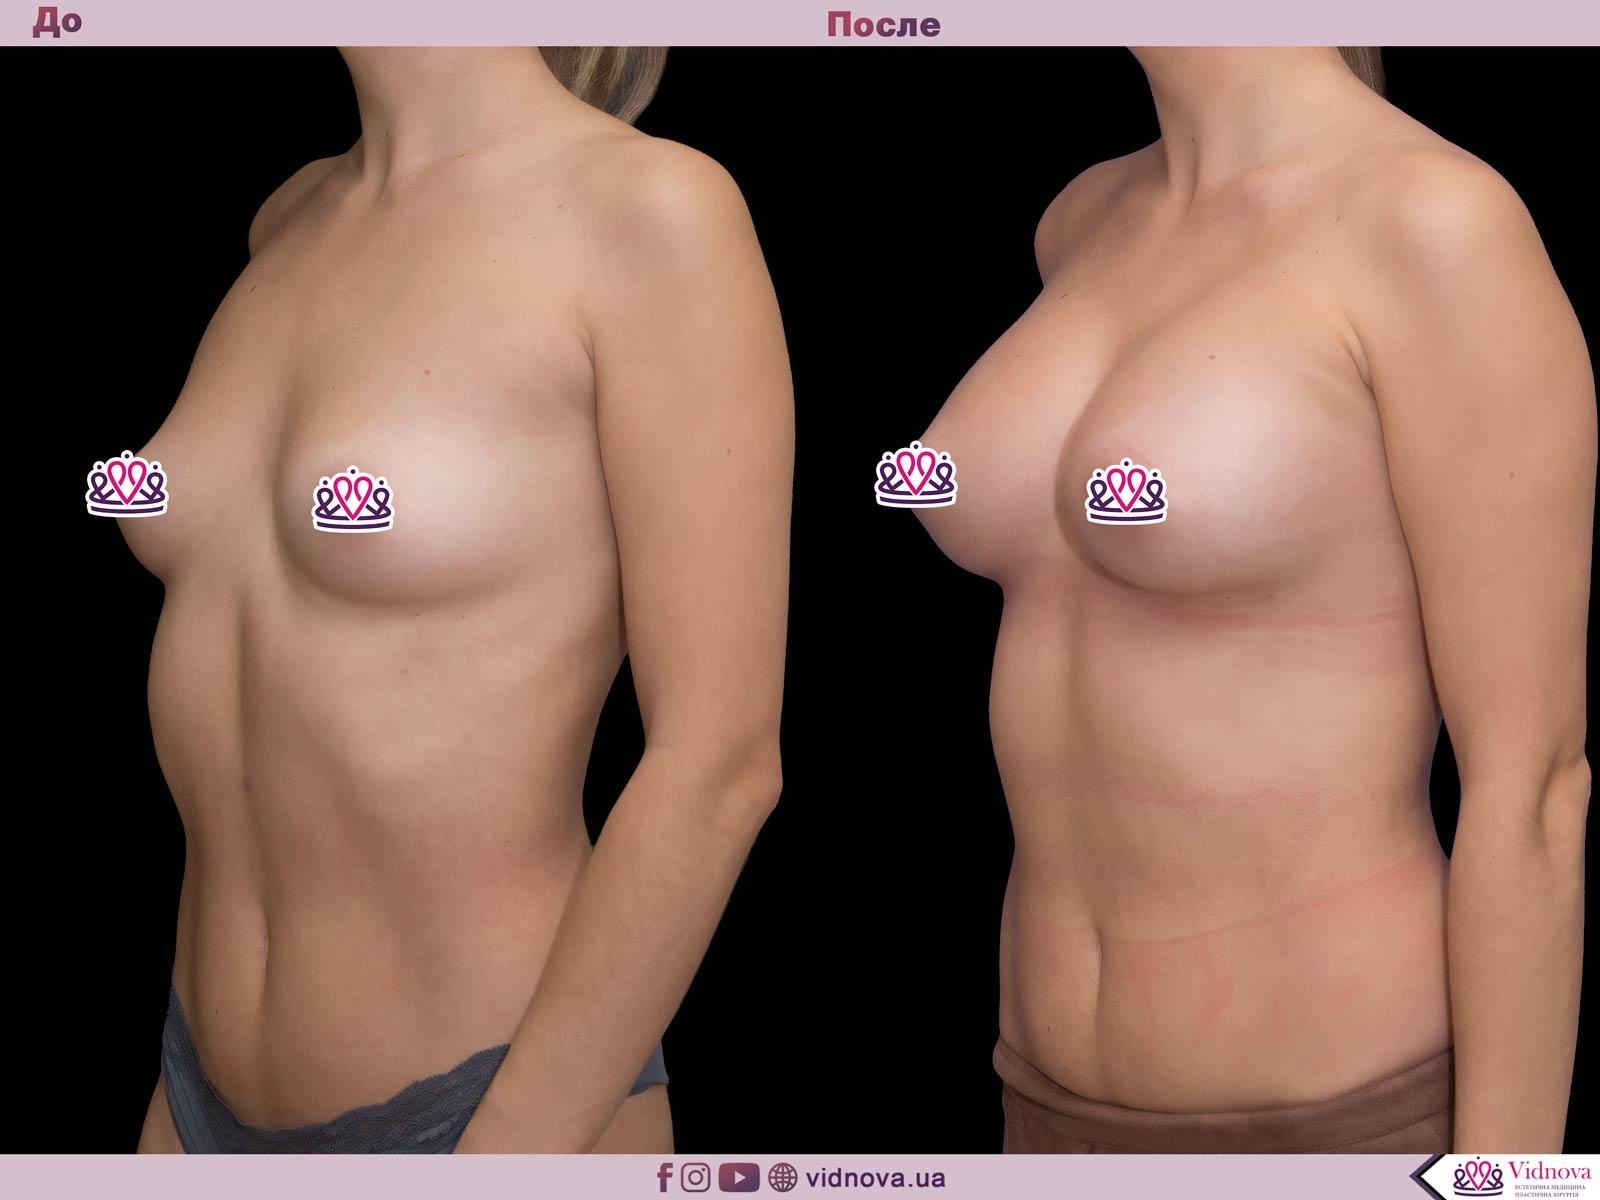 Пластика груди: результаты до и после - Пример №62-1 - Светлана Работенко